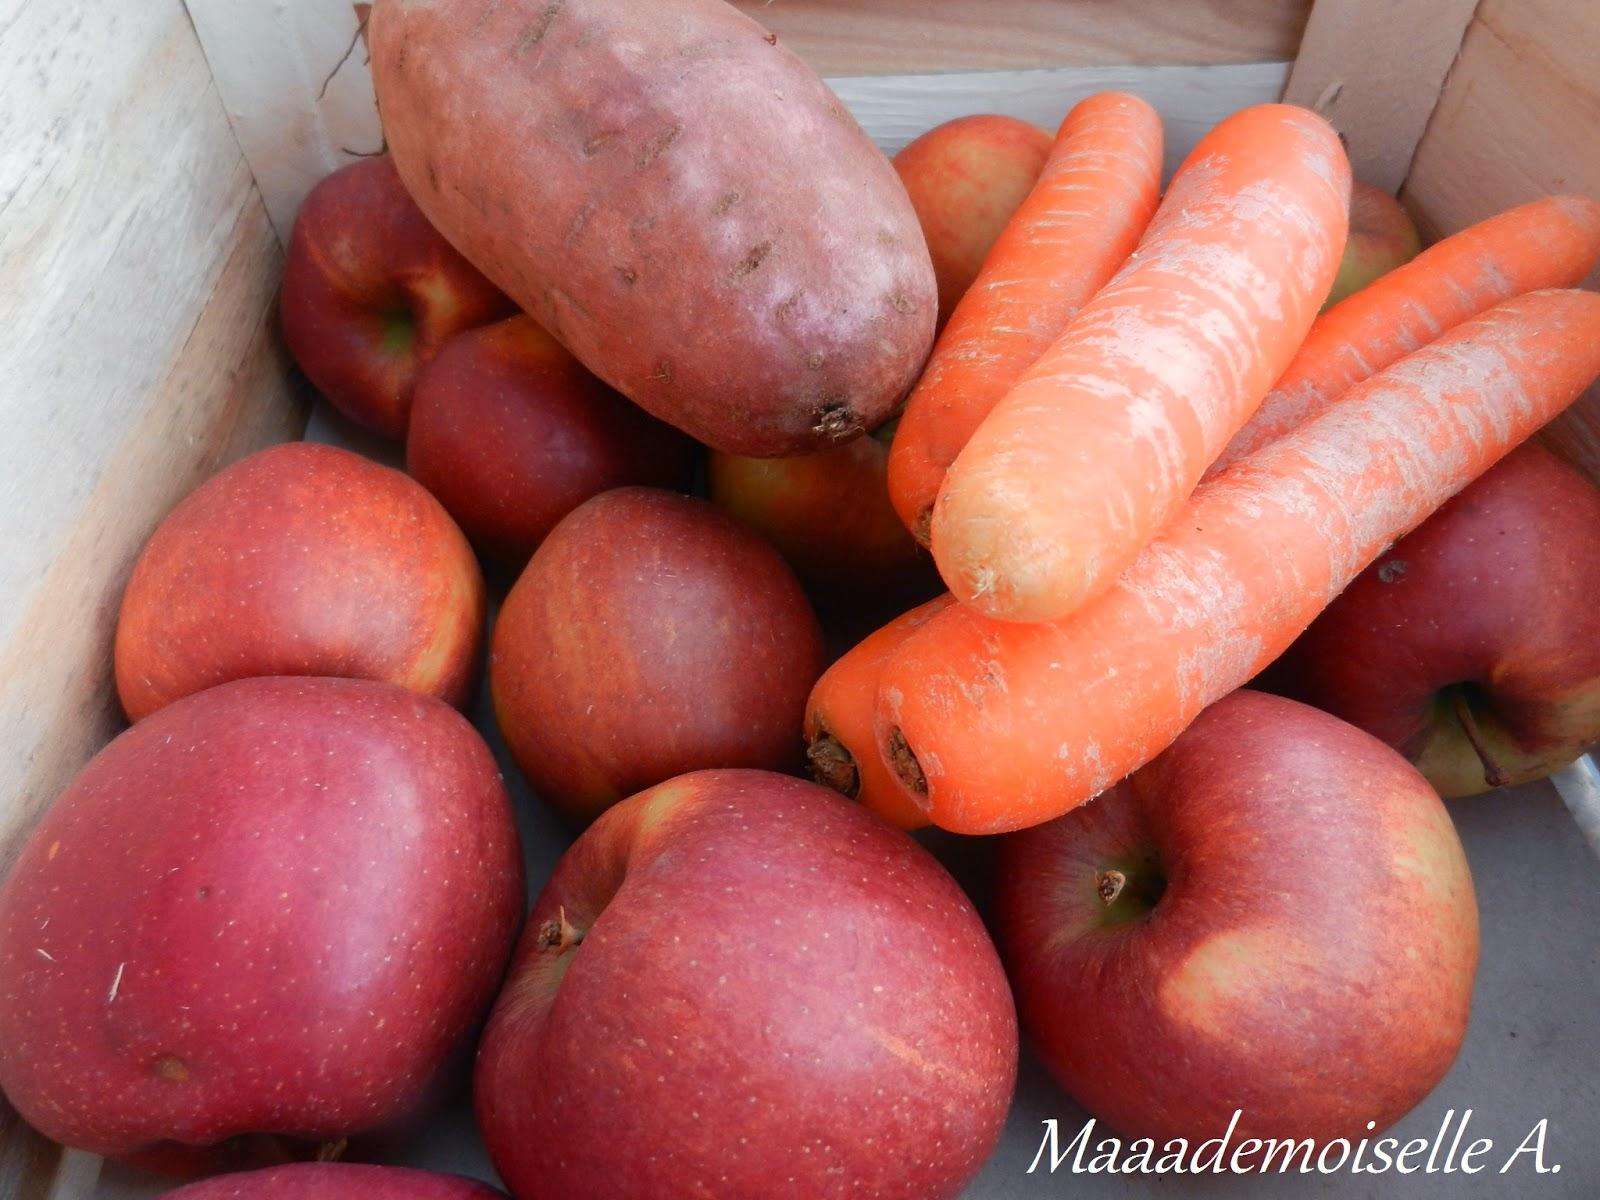 Carottes et pommes